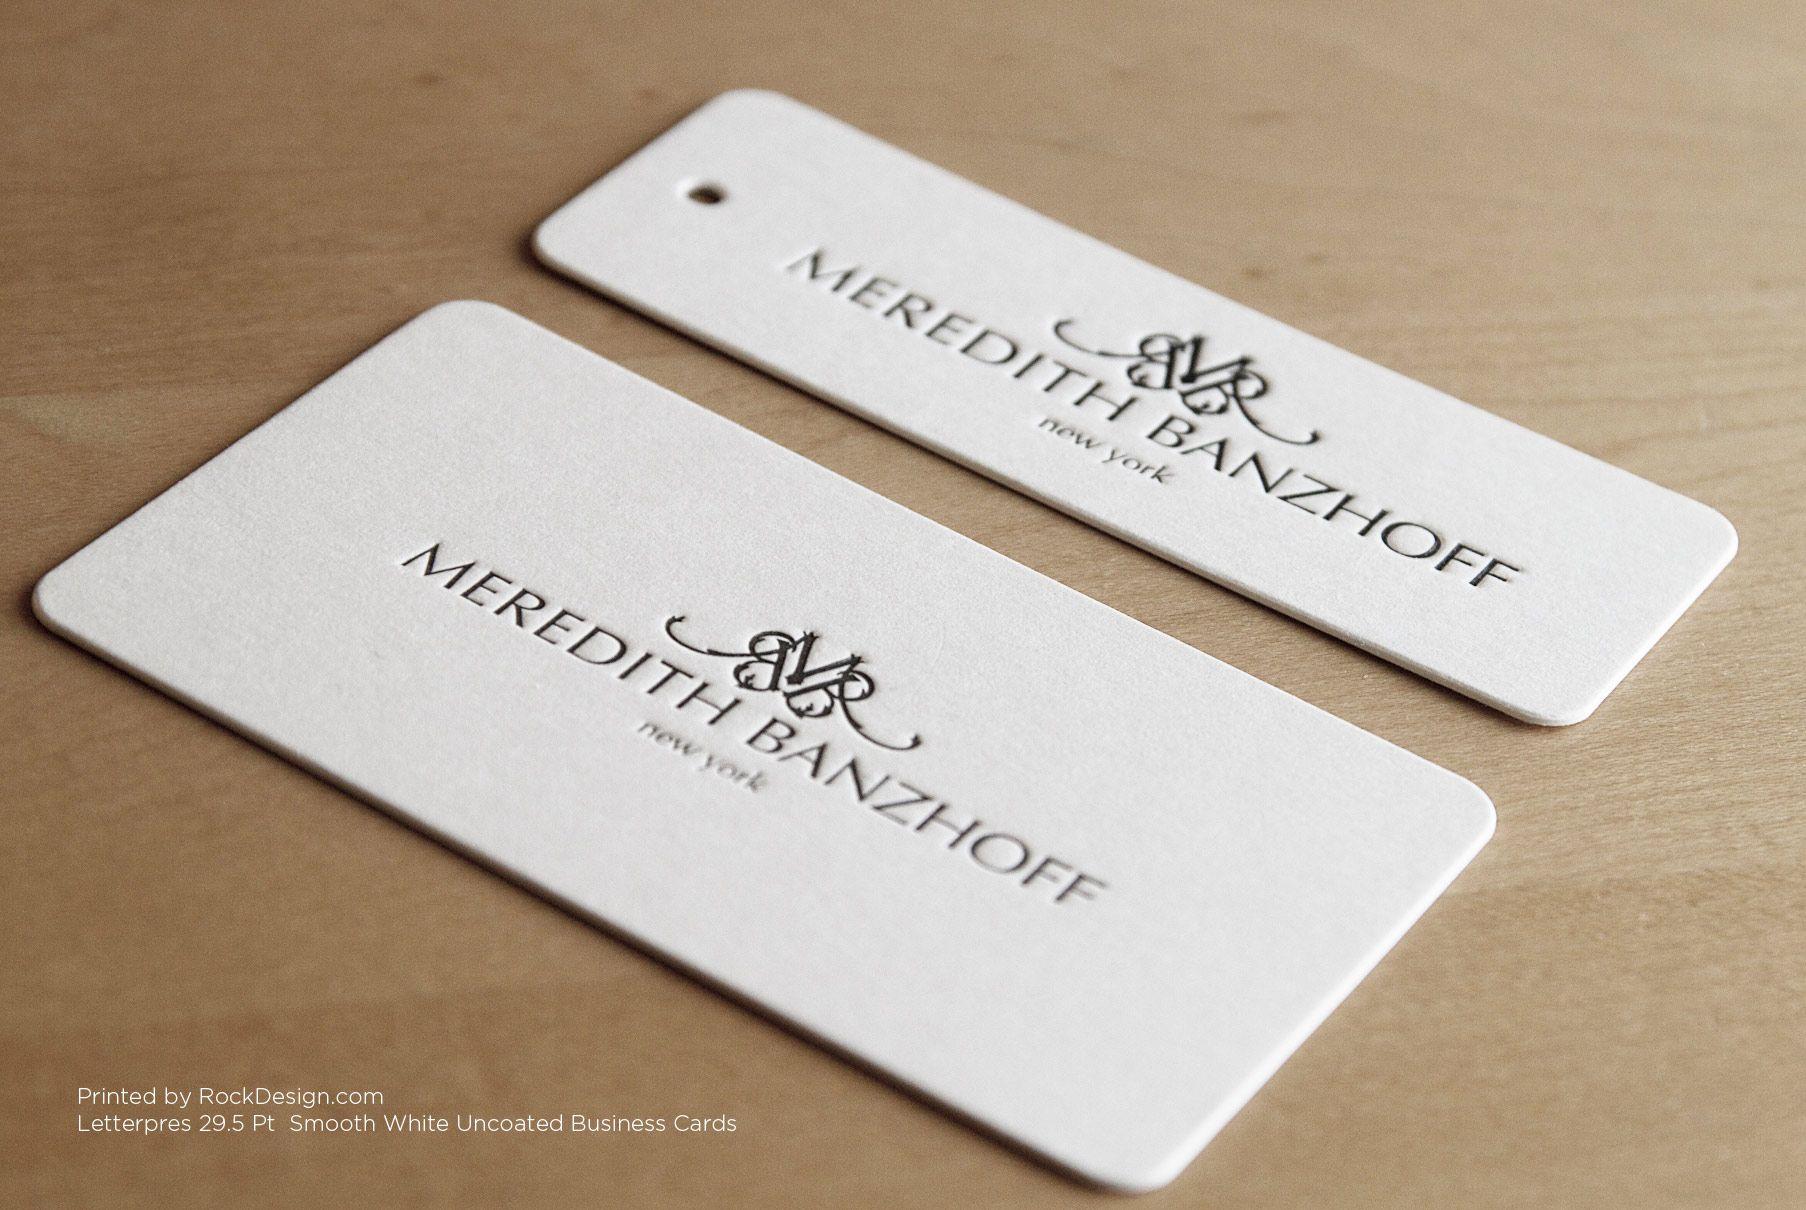 RockDesign.com | High End Business Cards | Letterpress Business ...